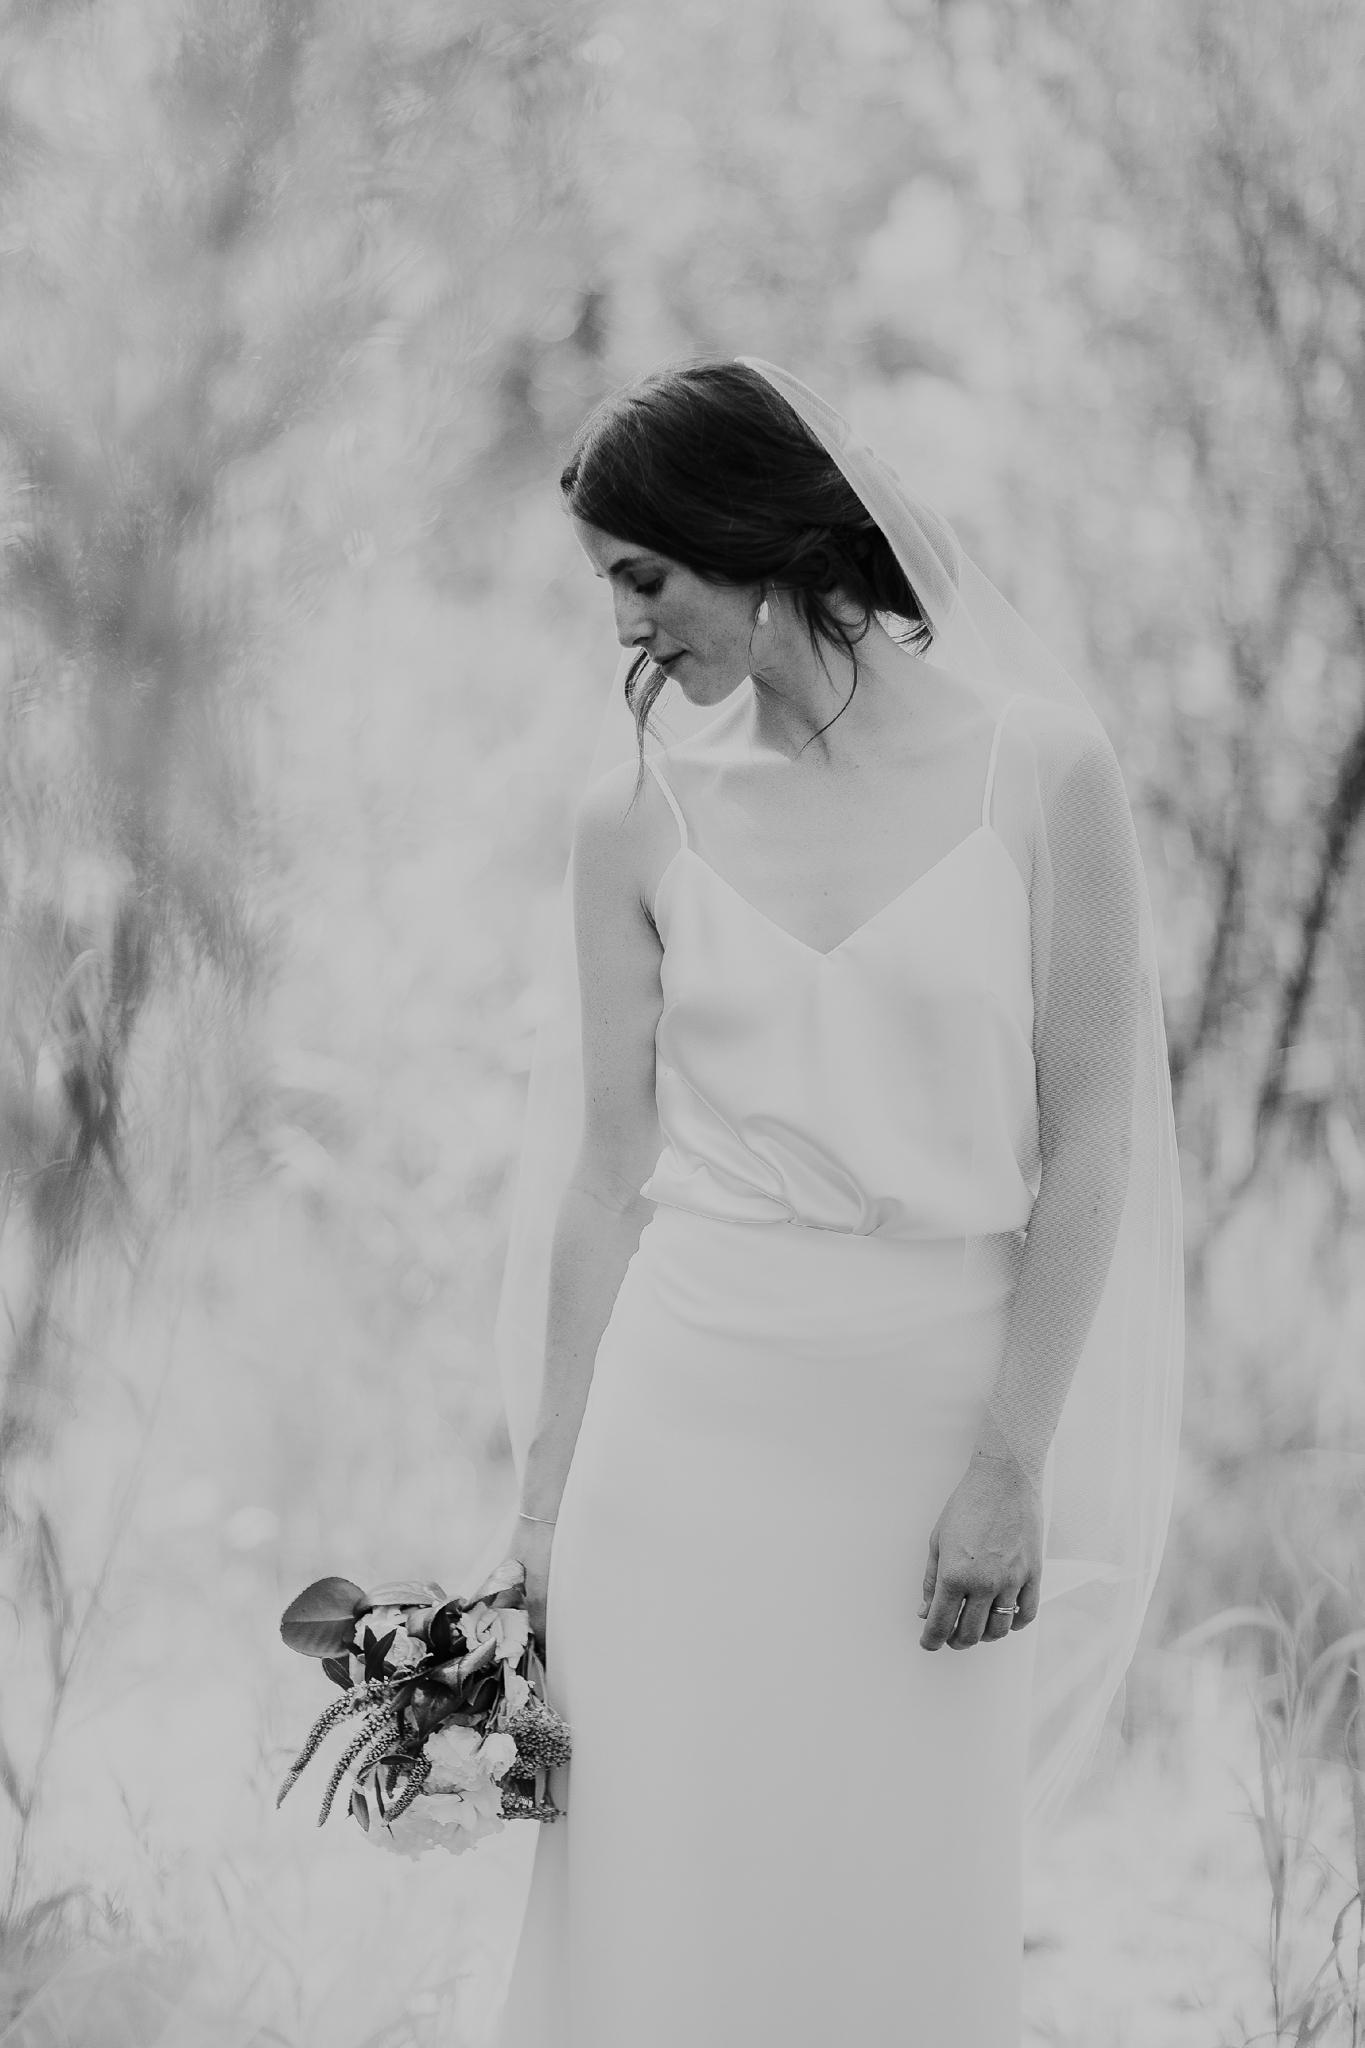 Alicia+lucia+photography+-+albuquerque+wedding+photographer+-+santa+fe+wedding+photography+-+new+mexico+wedding+photographer+-+new+mexico+wedding+-+old+town+wedding+-+casa+de+suenos+wedding+-+hotel+albuquerque+wedding_0060.jpg